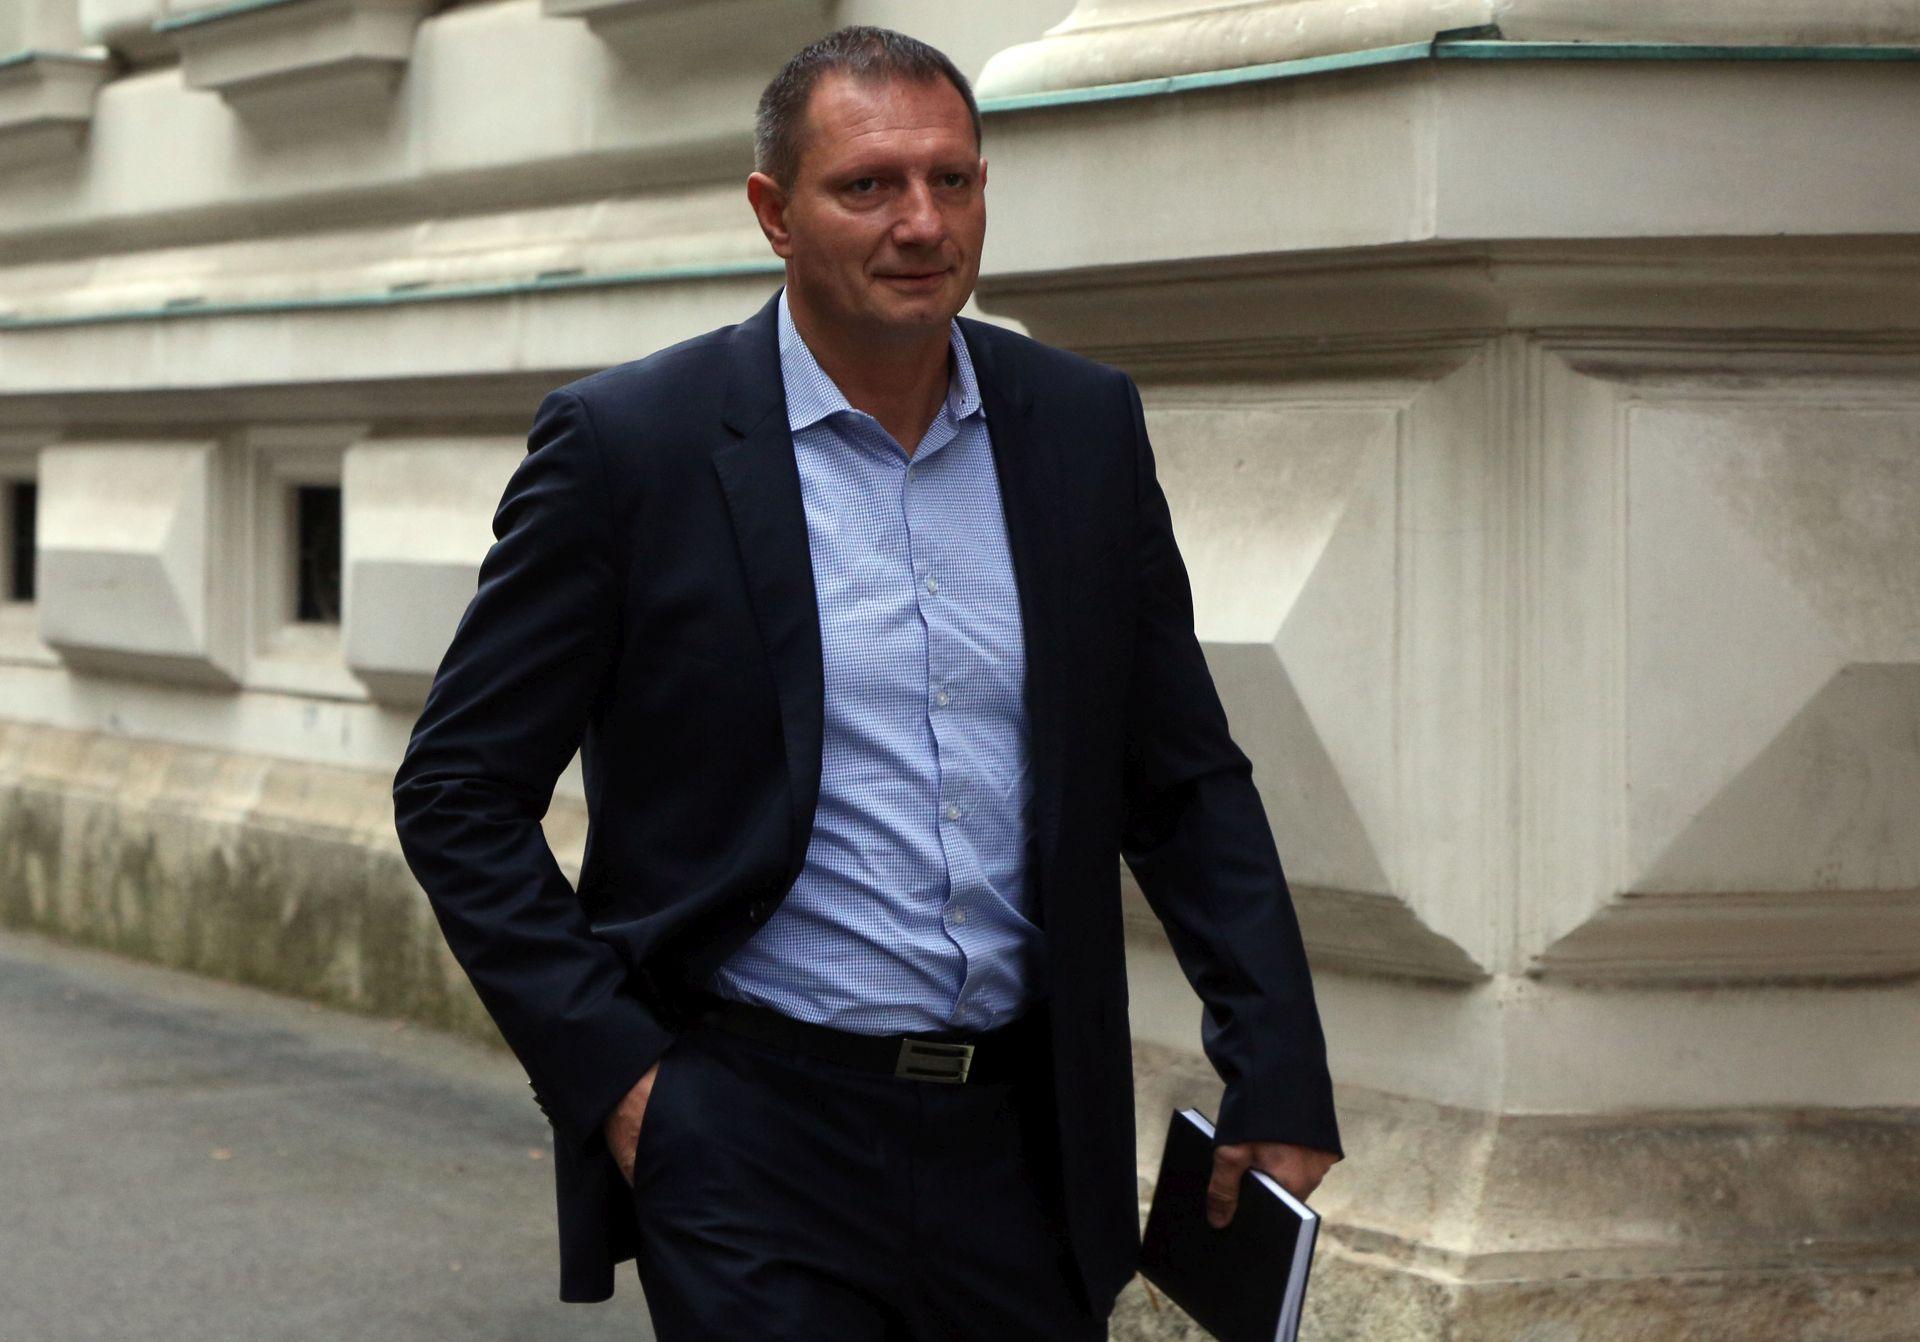 Klemm ponovno odbacio optužbe i ustvrdio da je žrtva bivšeg SDP-ova državnog vrha